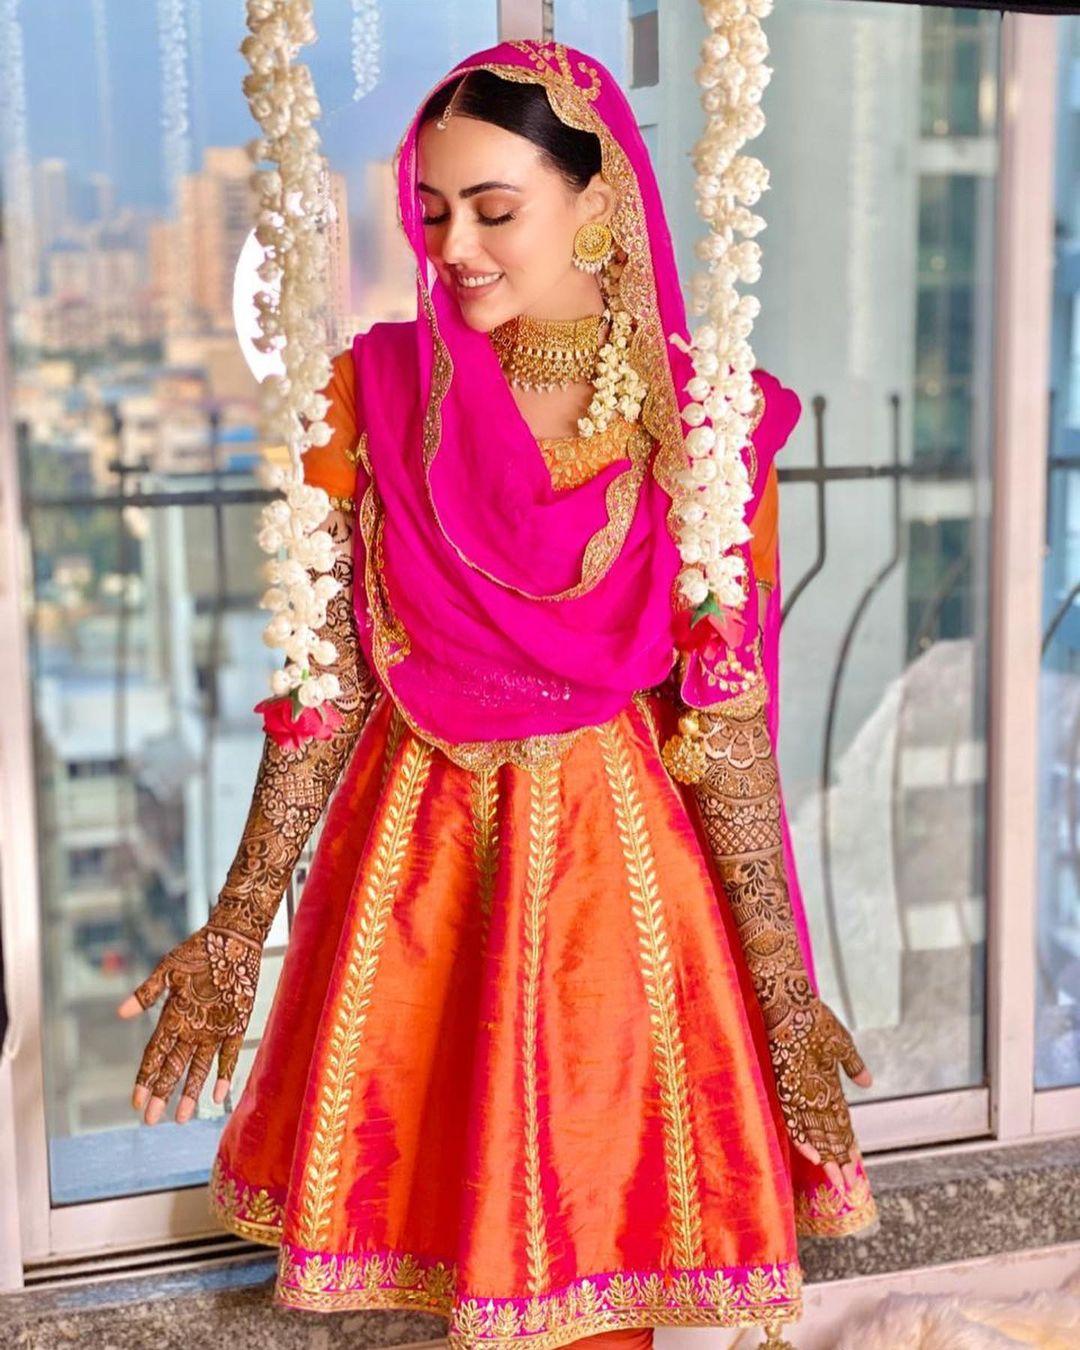 اداکارہ ثنا خان اپنی شادی کی - خوبصورت تصاویر